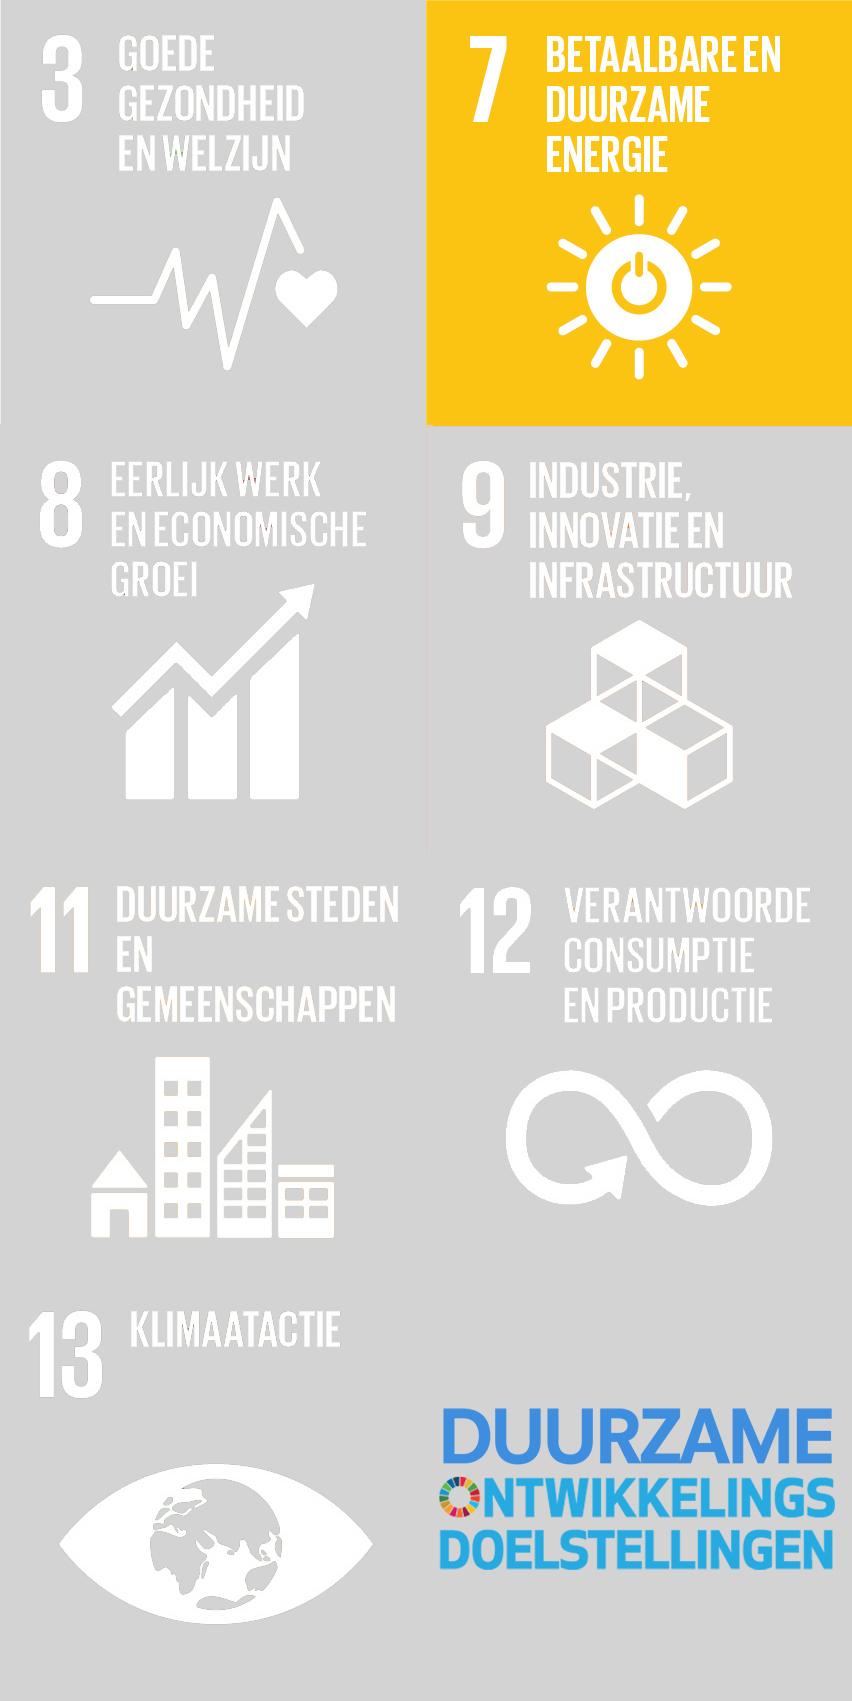 Energietransitie-SDG-been-management-consulting-mobiel